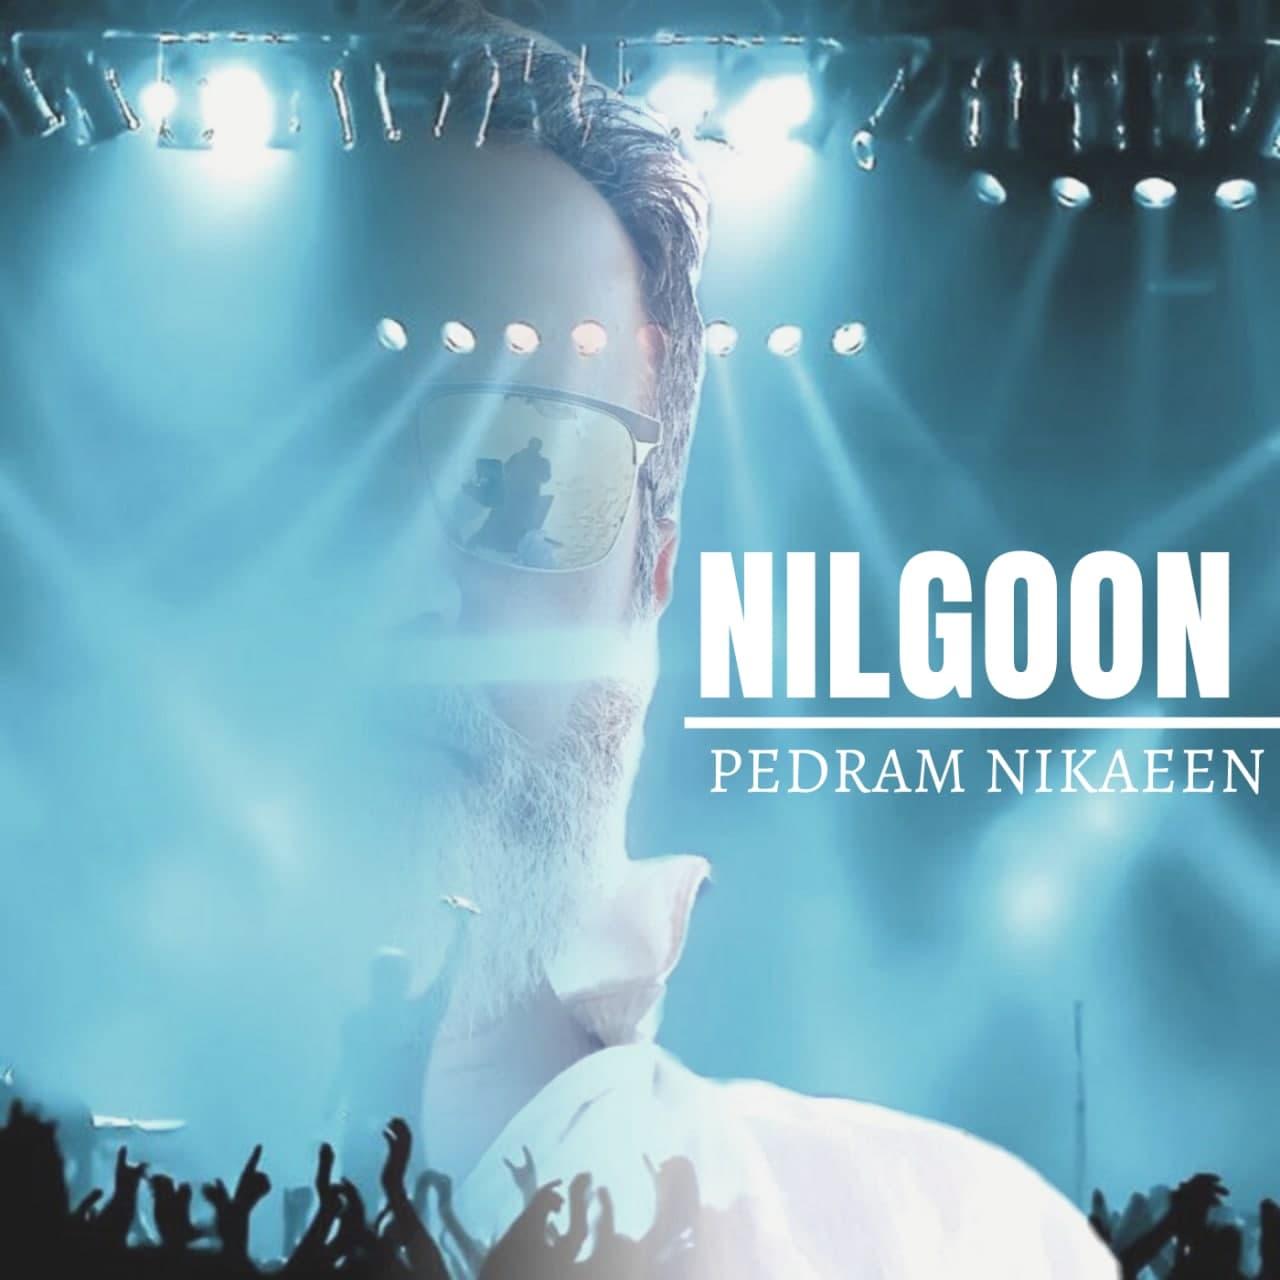 دانلود آهنگ جدید پدرام نیک آیین نیلگون